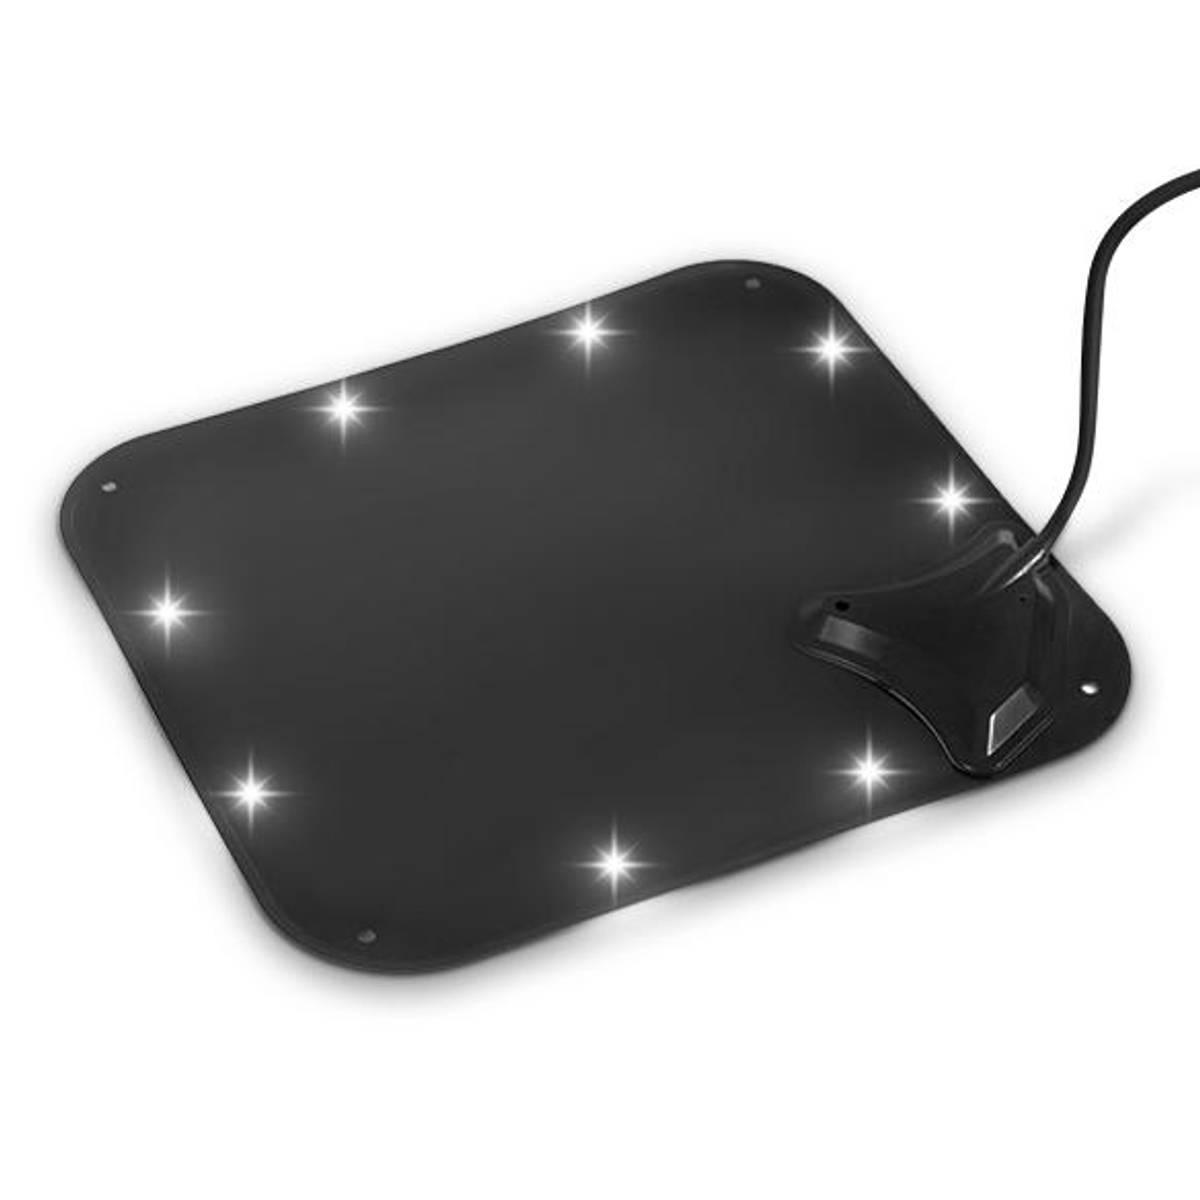 Rotaid varmeplate med LED-lys